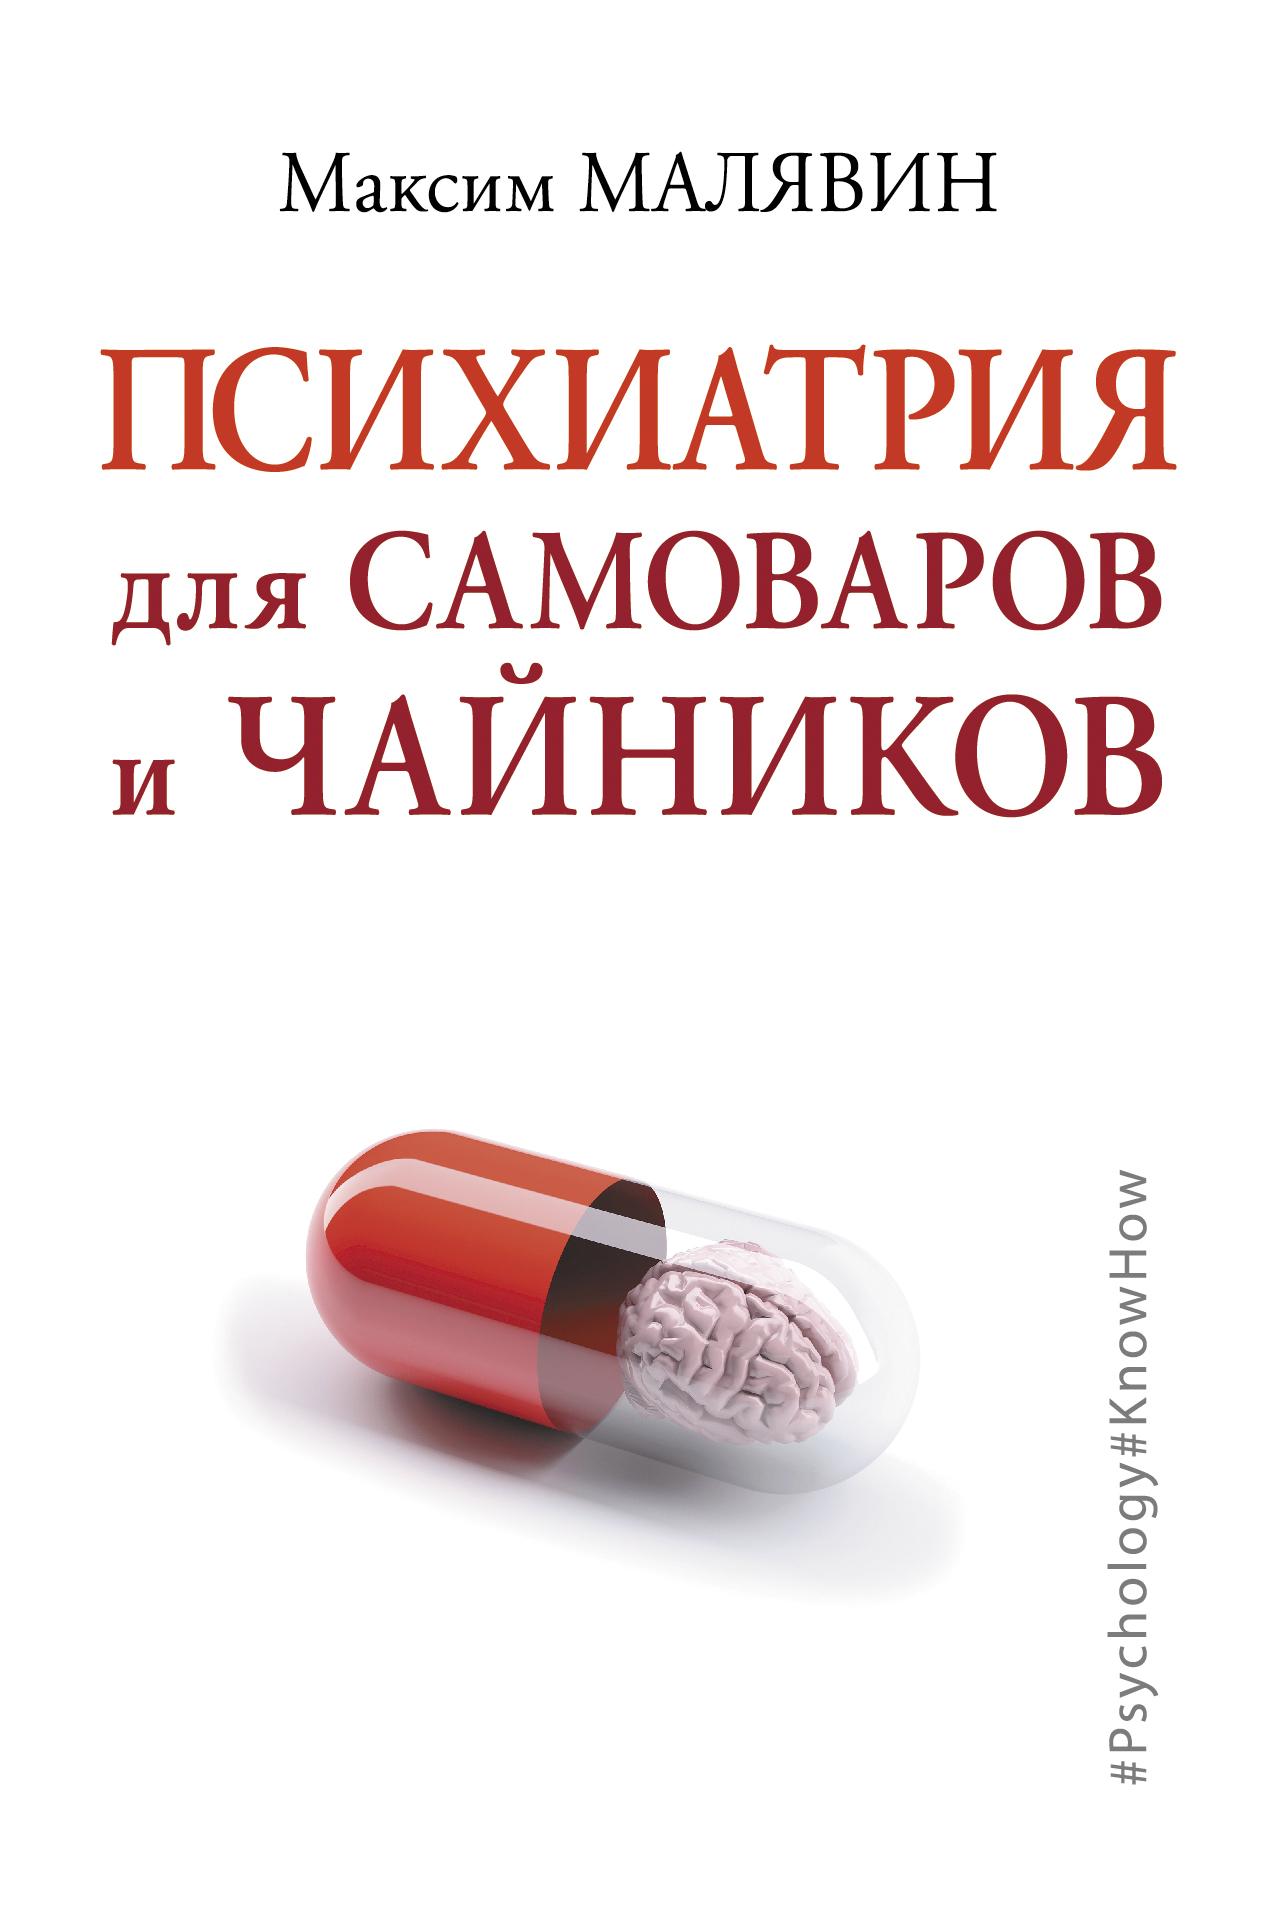 Малявин М.И. Психиатрия для самоваров и чайников в а кауль гомеопатия в психиатрии